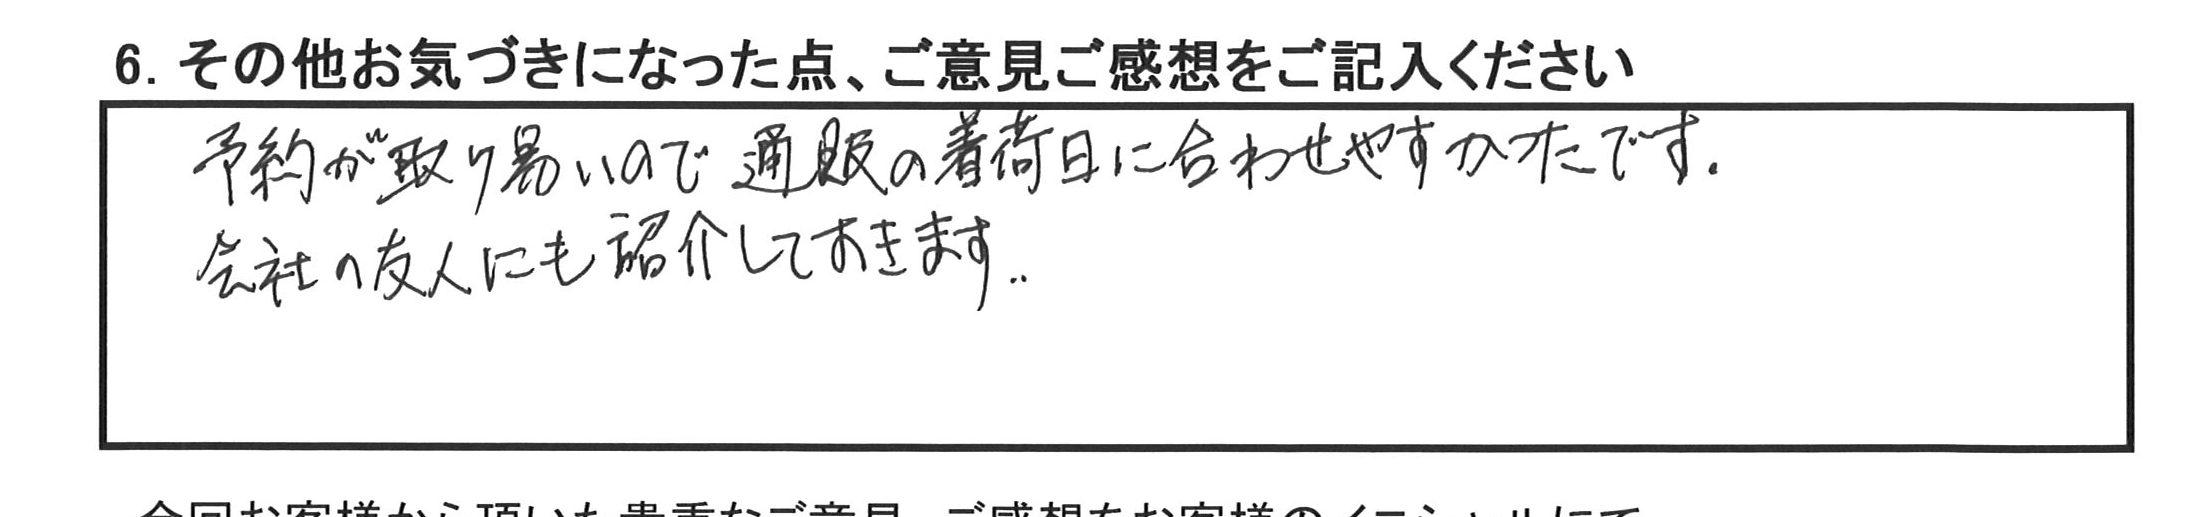 大和市T様 マツダCX-5のタイヤ交換を承りました。